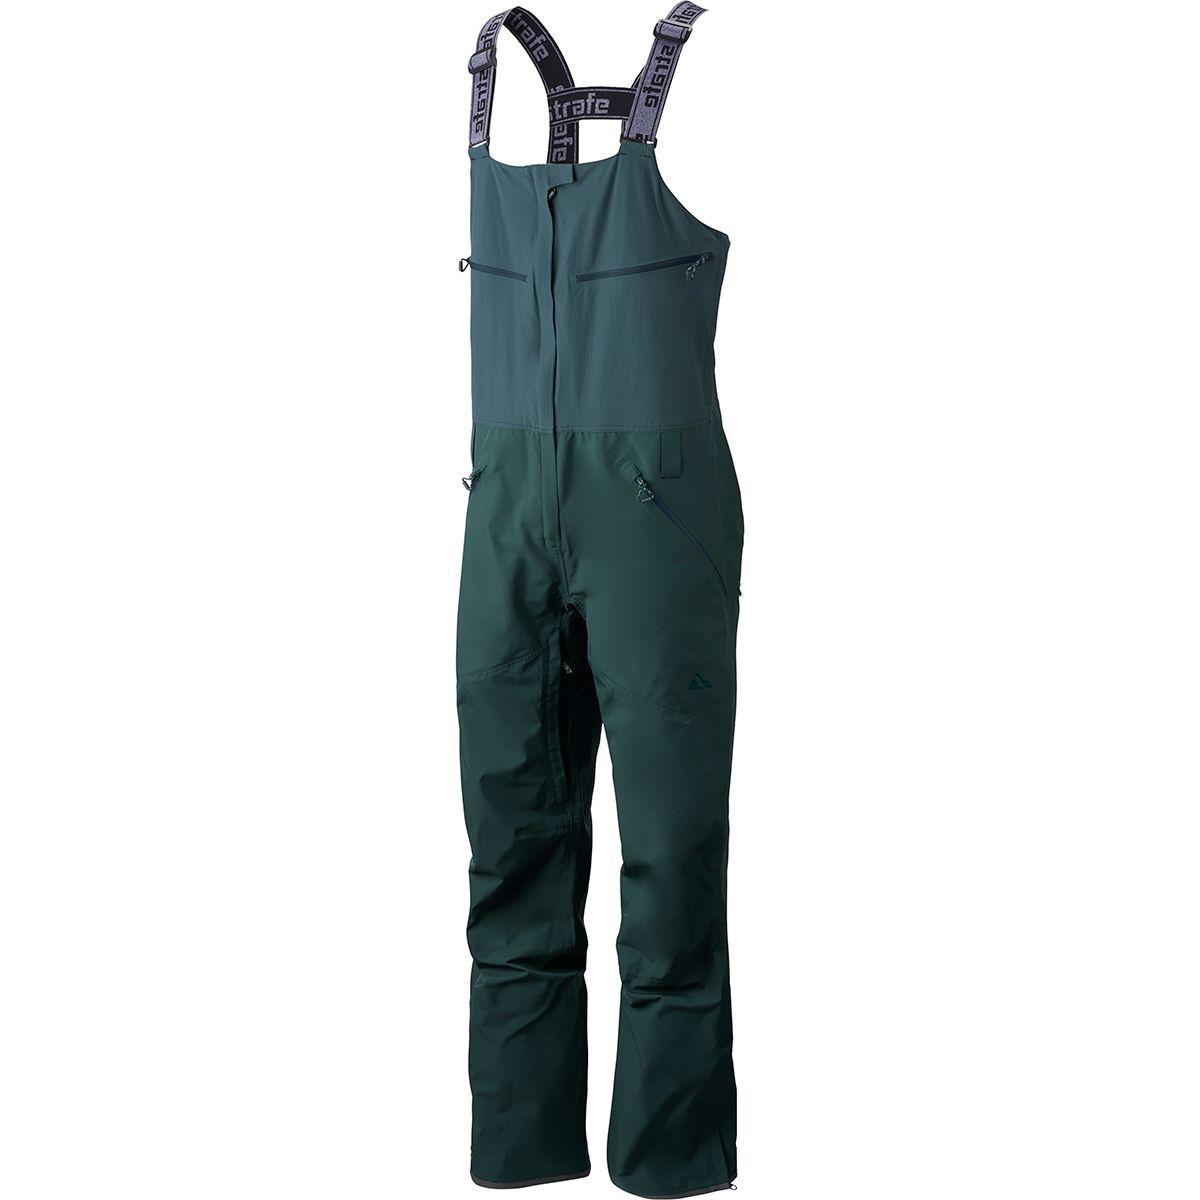 Strafe Outerwear Nomad Bib Pant - Men's